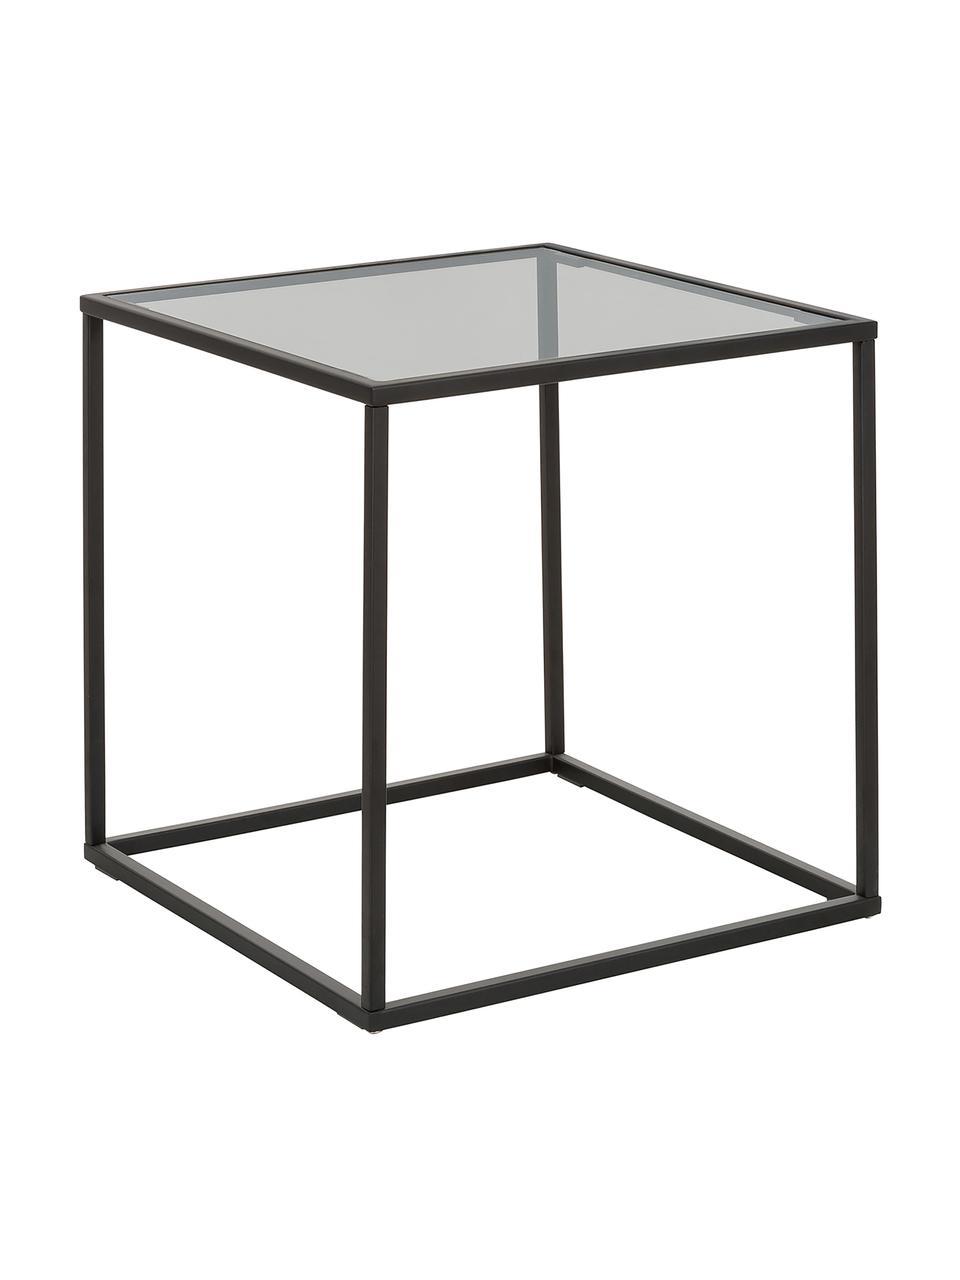 Bijzettafel Maya met glazen tafelblad, Tafelblad: veiligheidsglas, Frame: gepoedercoat metaal, Tafelblad: zwart getint glas. Frame: mat zwart, B 45 cm